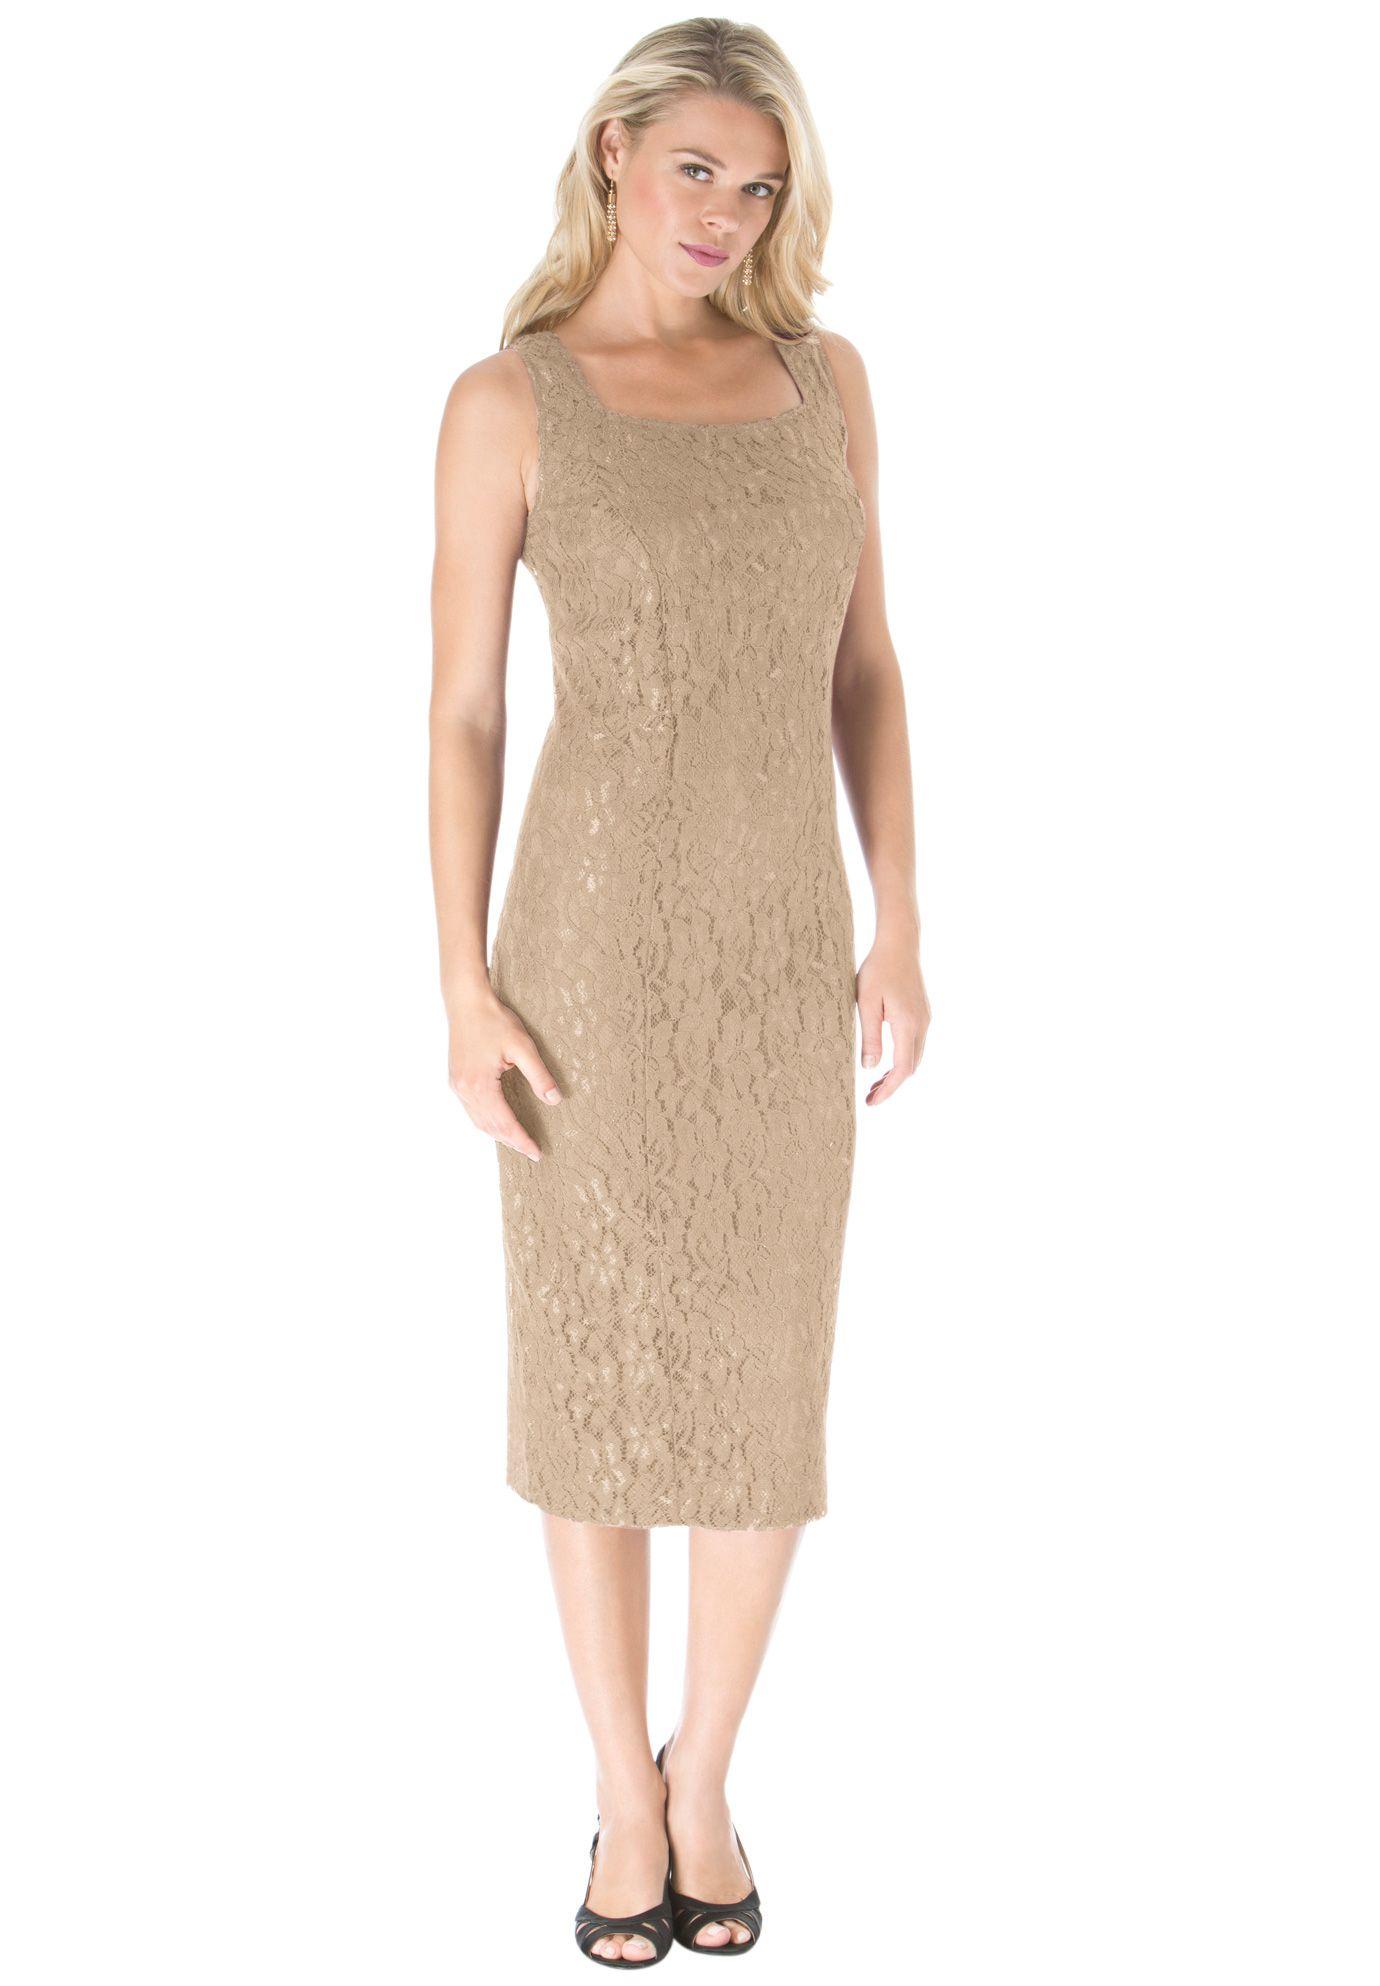 Lace Jacket Dress | Plus Size Evening Dresses | Roamans ...